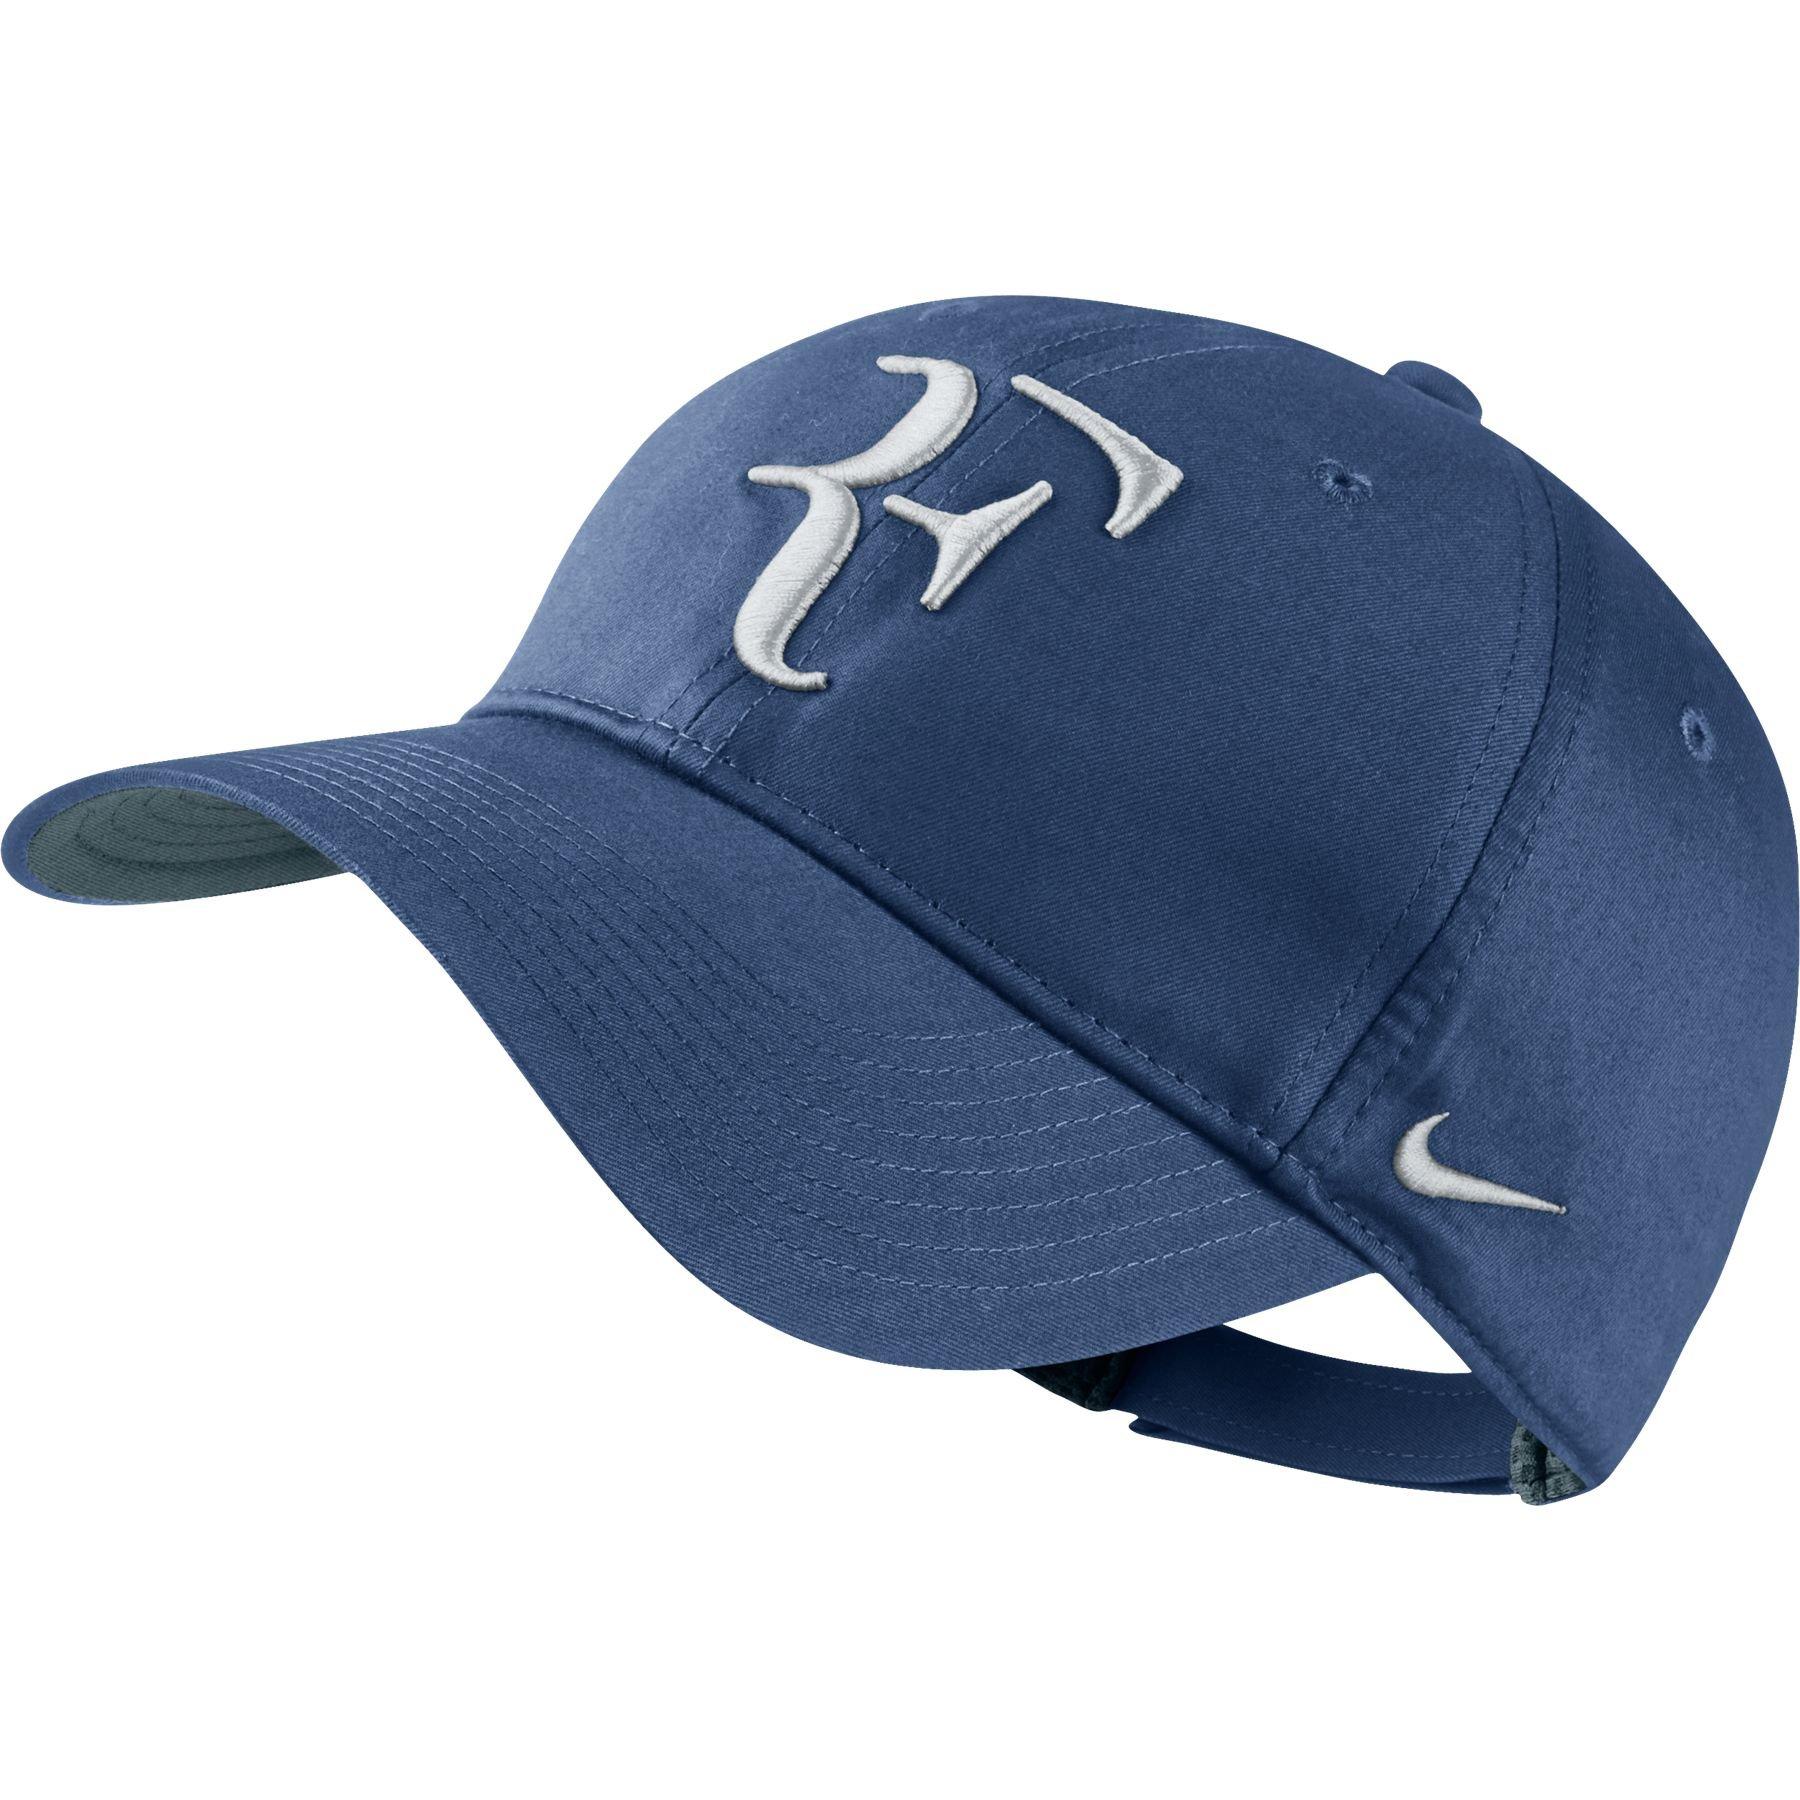 Nike Mens Roger Federer RF Hybrid Tennis Hat Ocean Fog Blue/White